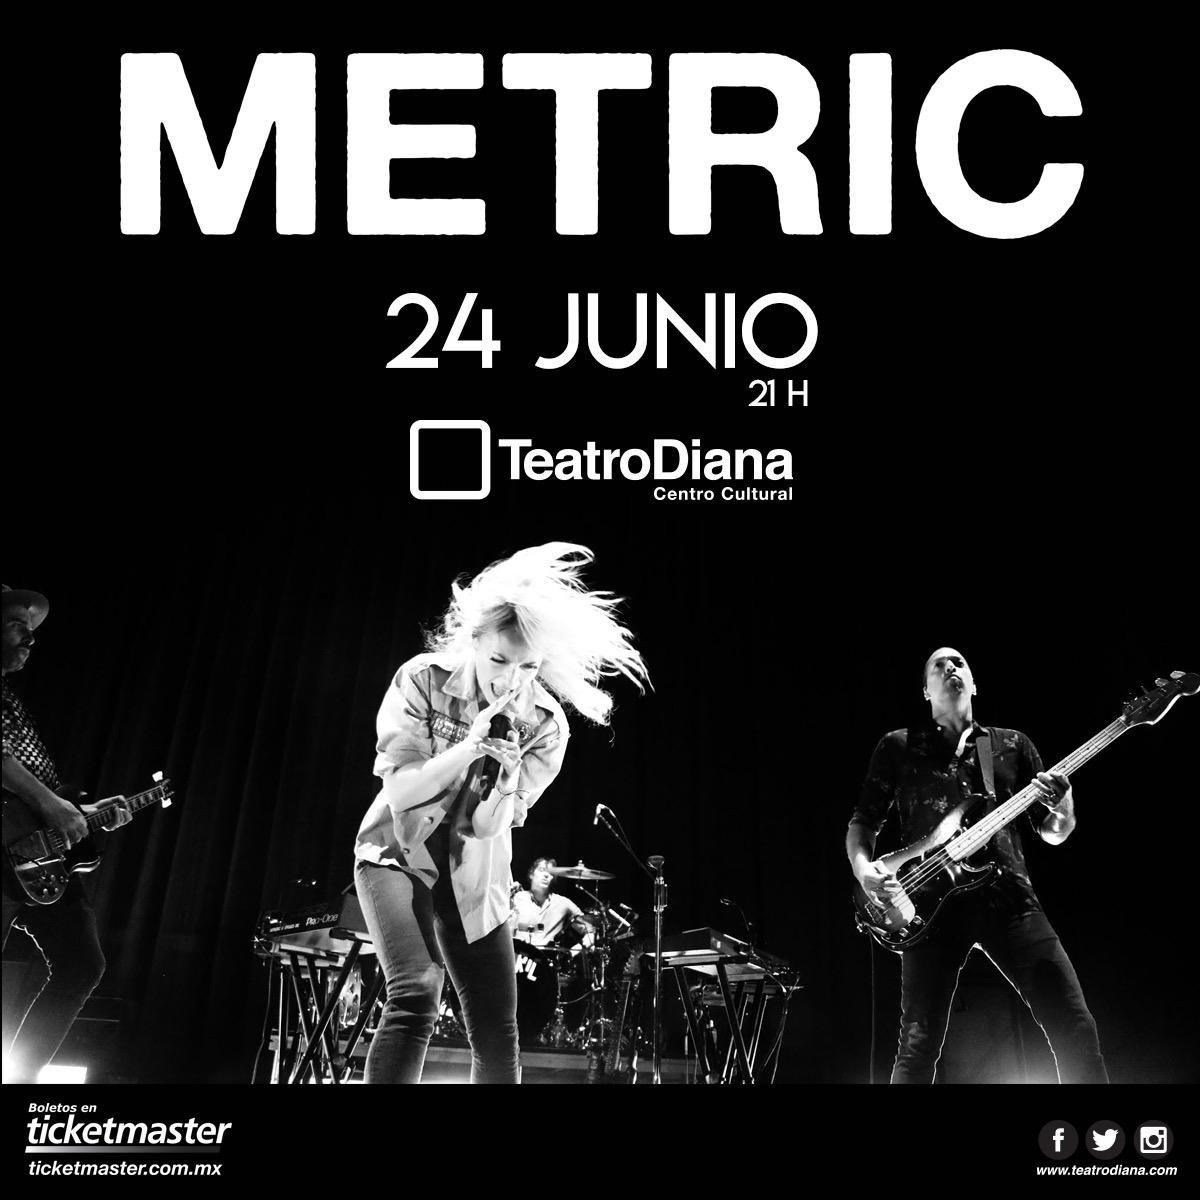 Metric, 24 de Junio en Teatro Diana